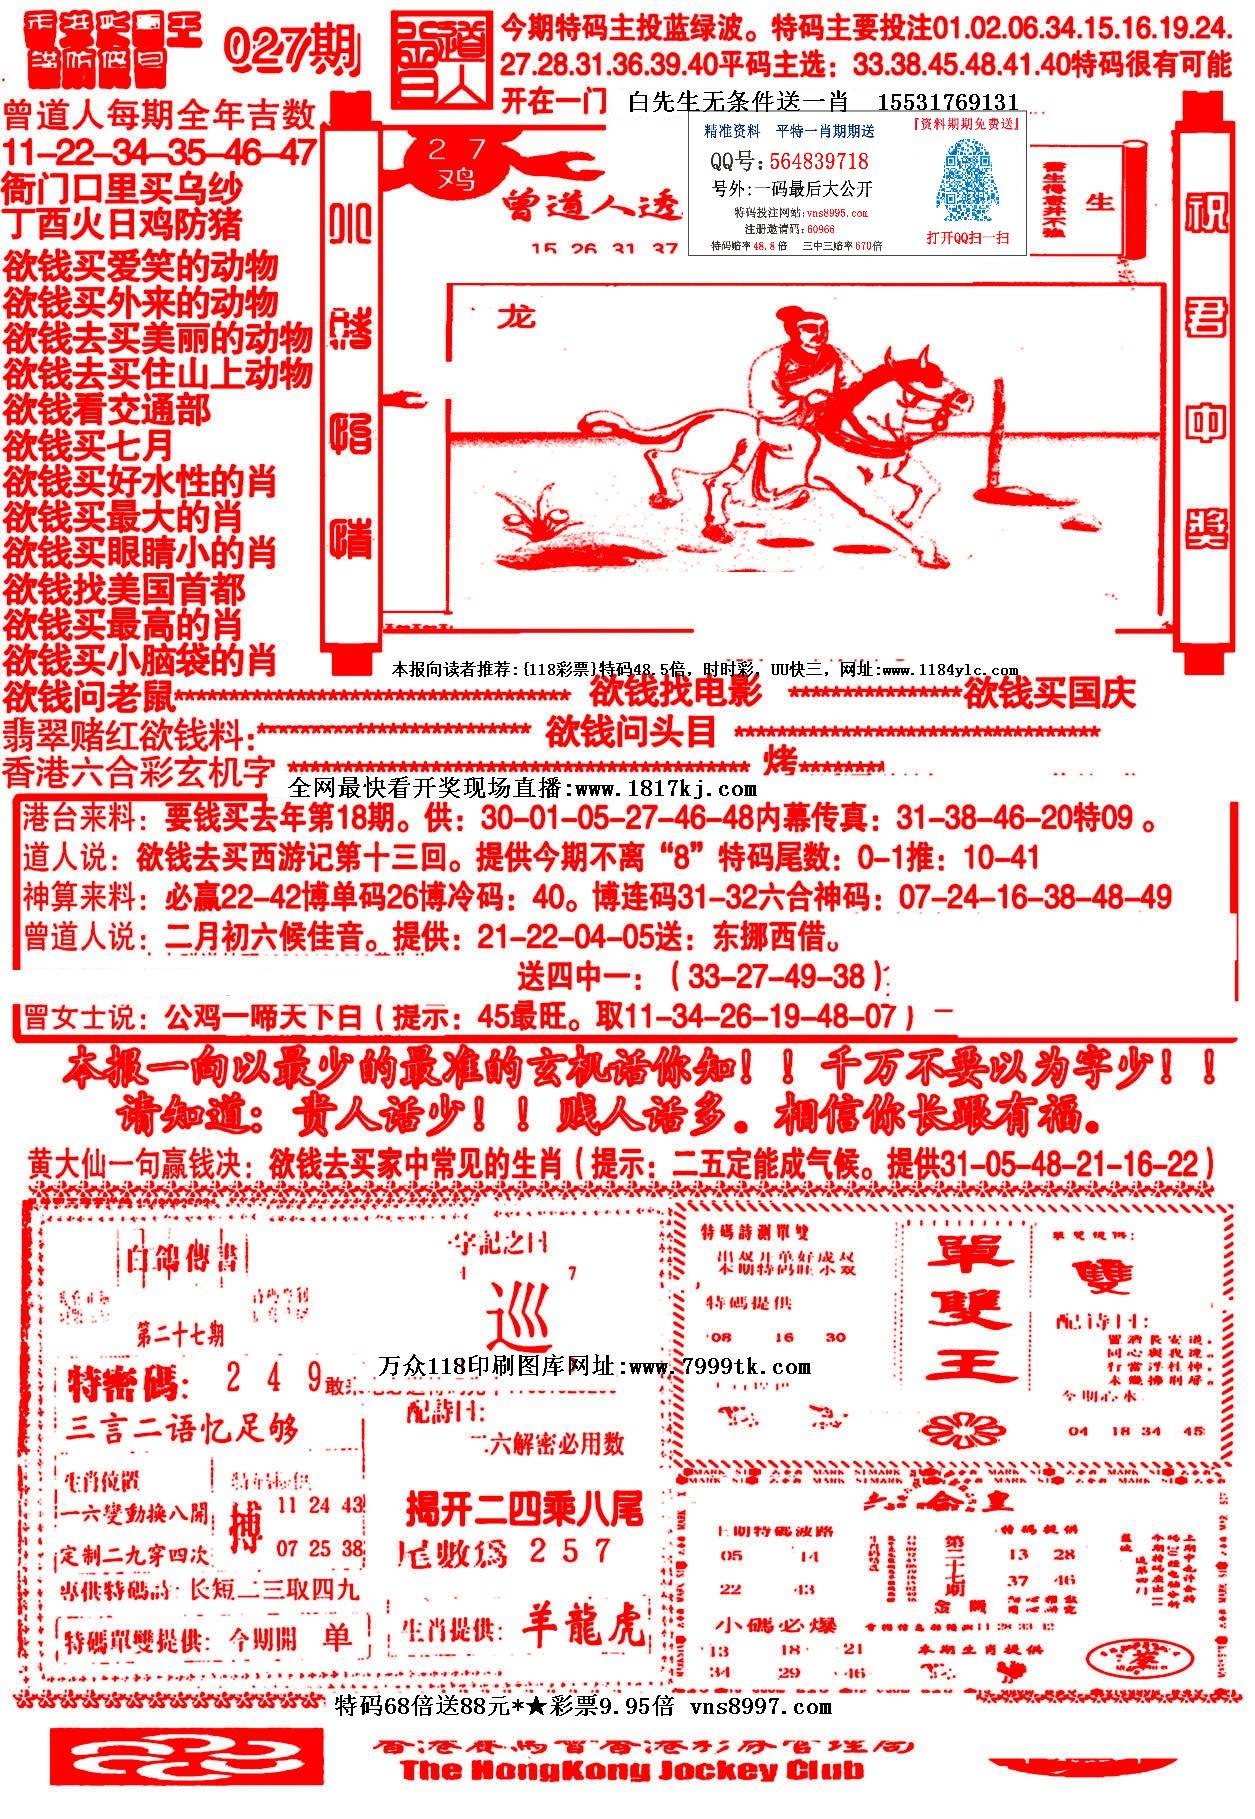 108期彩霸王诗:三湘遇地逢秋色,明年又来桃花红.送:四